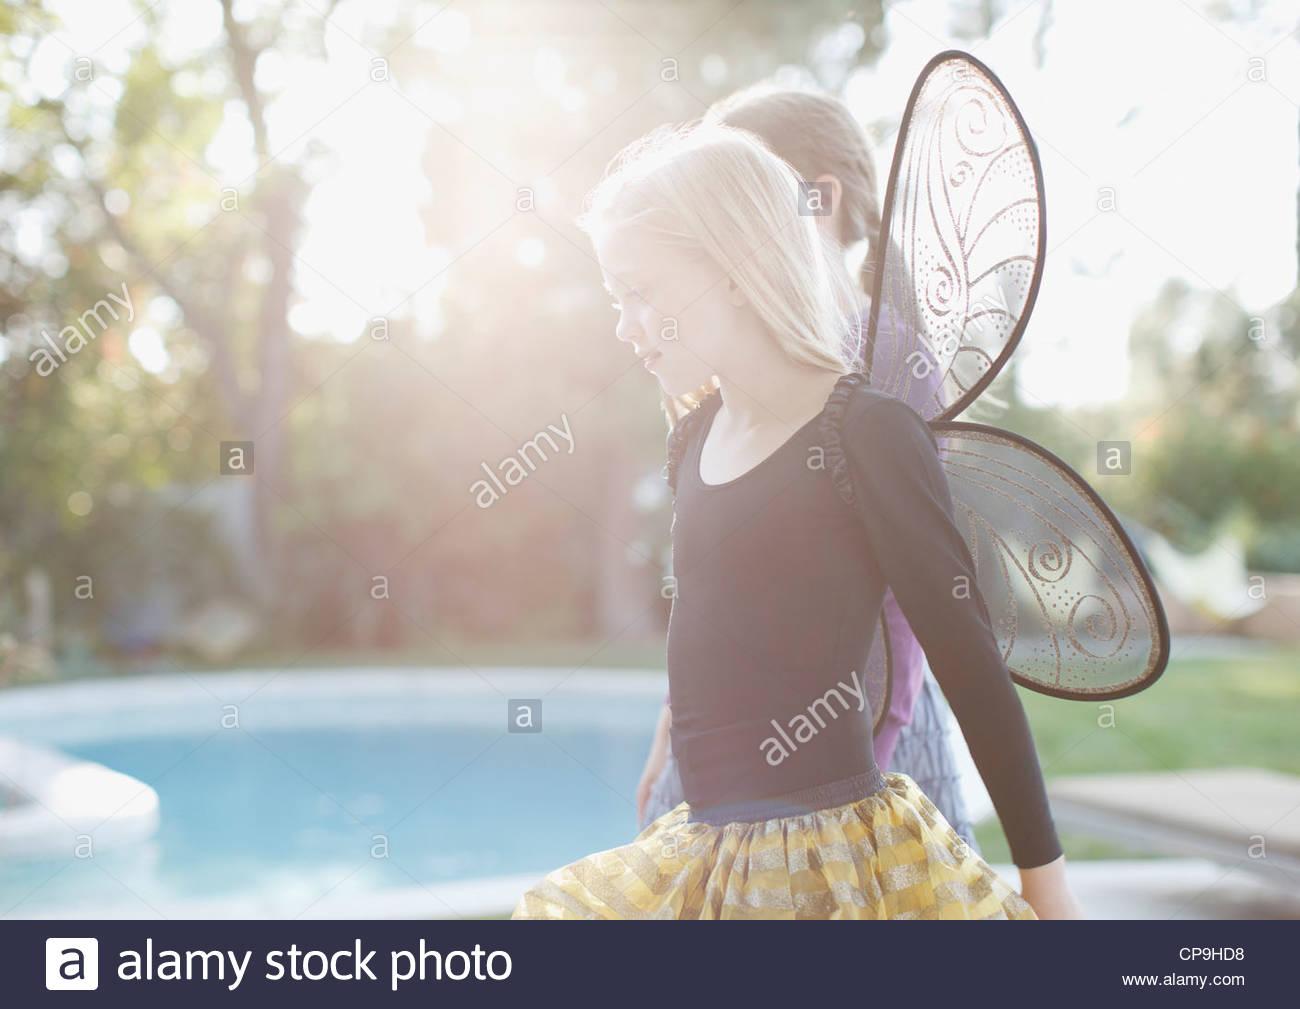 8-9 Jahre, hinterleuchtete, Kalifornien, Freizeitkleidung, kaukasischen, Kindheit, Farbbild, Kostüm, Tag, häusliches Stockbild